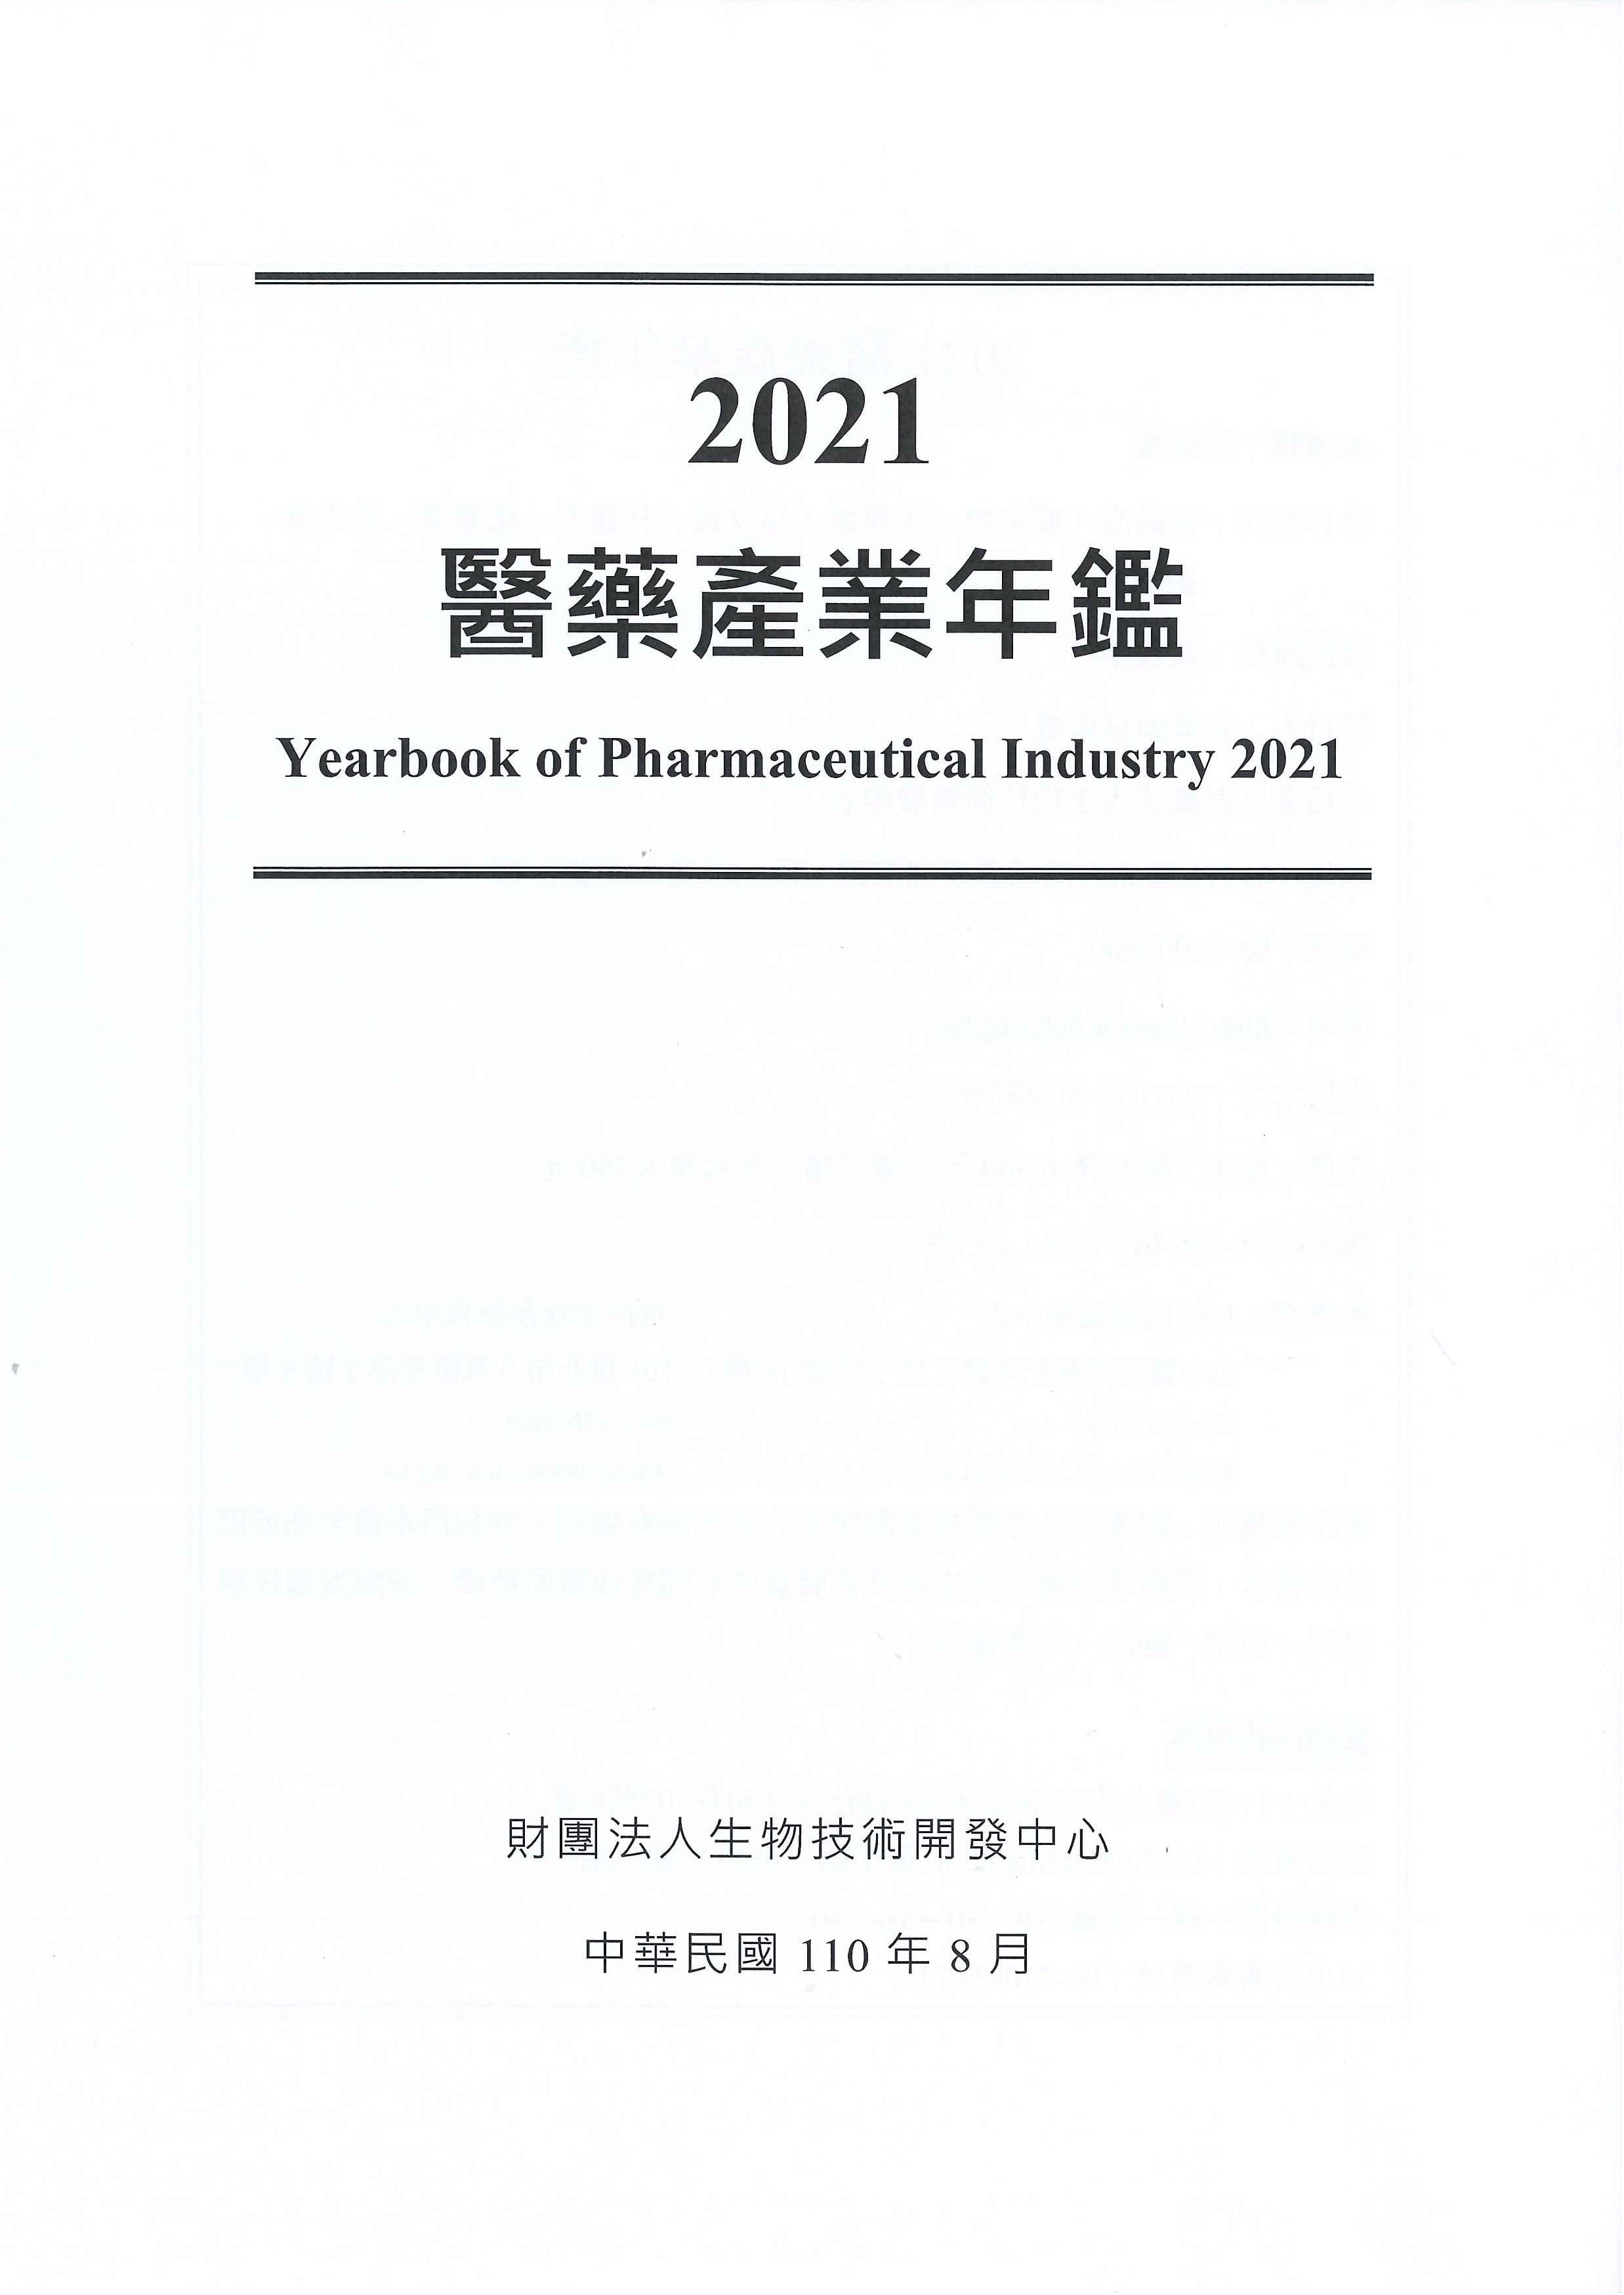 醫藥產業年鑑=Yearbook of pharmaceutical industry